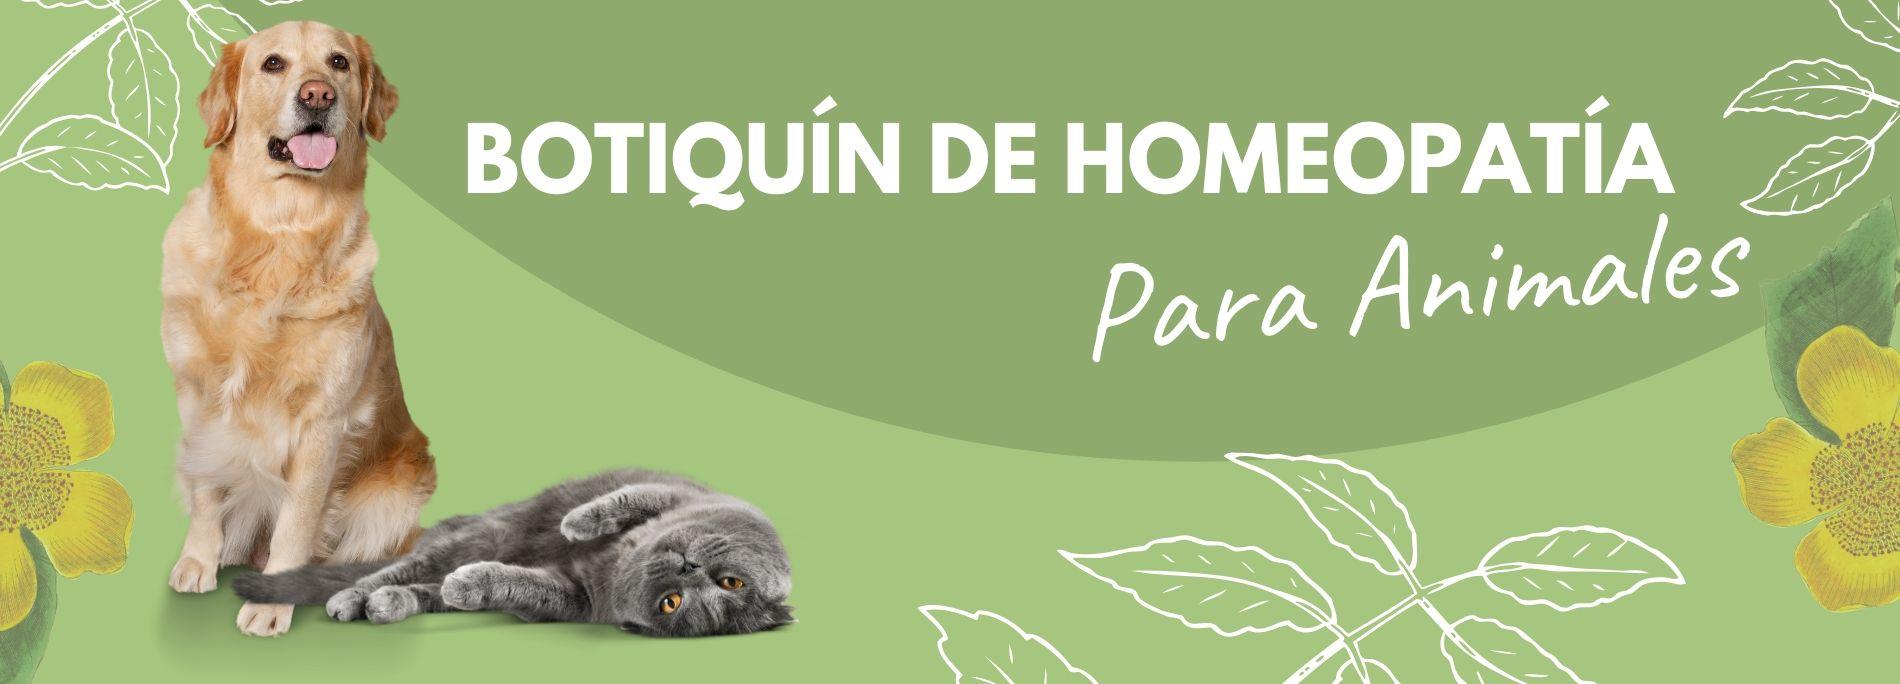 Curso Online Botiquín de Homeopatía para Animales